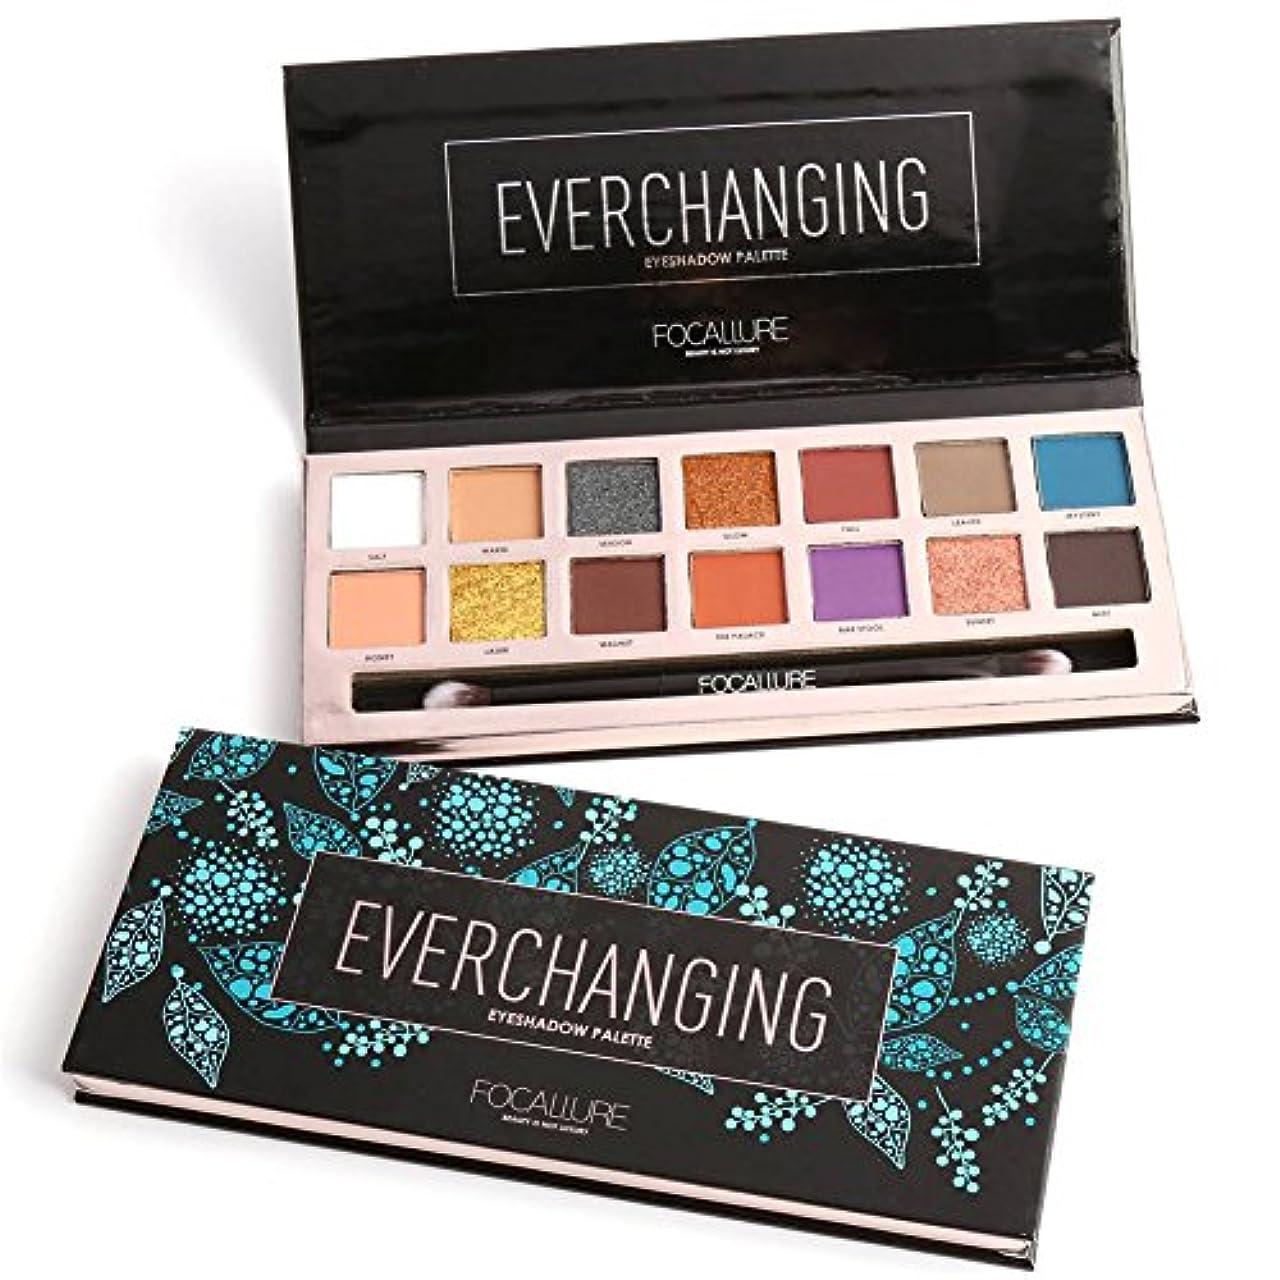 デコレーション悪い不承認14 Colors Eyeshadow Palette Matte Glitter Shimmer Everchanging Eyeshadow Palette with Brush 14色のマット?グリッター?シマーEverchangingアイシャドウパレット(ブラシ付き)